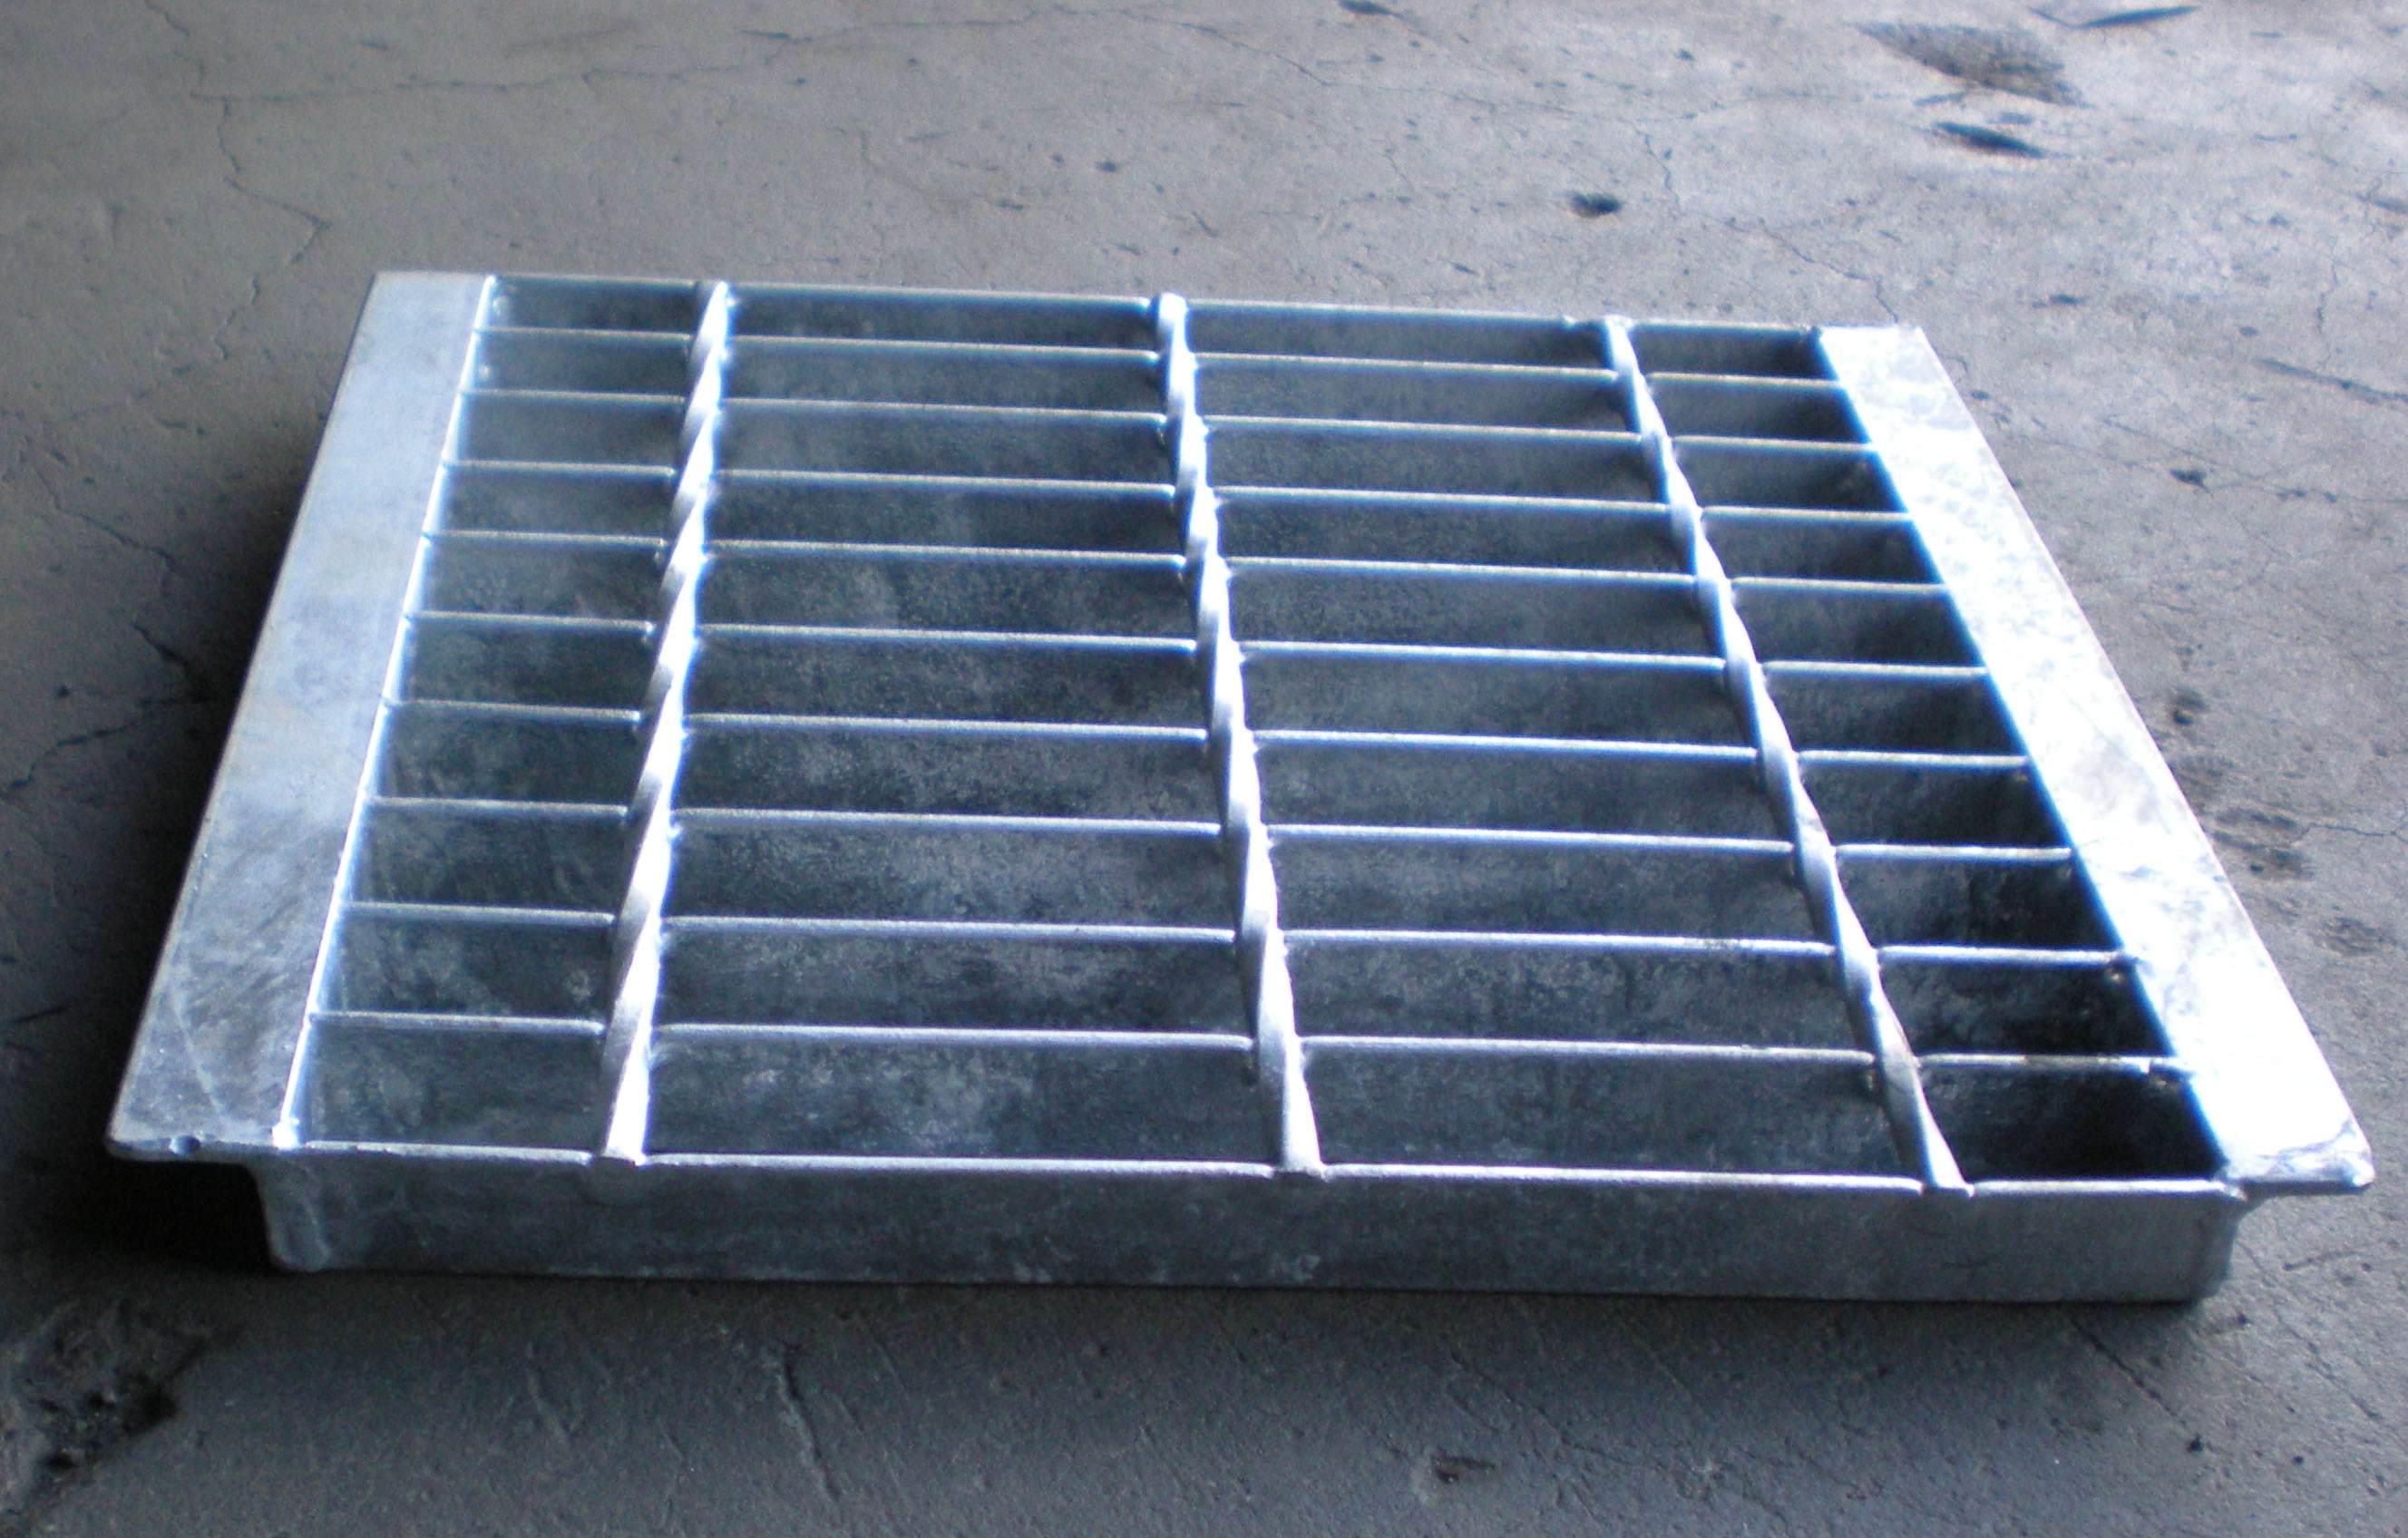 水蓖子溝蓋板一般去哪里買?水蓖子溝蓋板一般去哪里買越來越多的人開始熟悉他,很多人開始生產鋼格板,但是隨著質量要求的下降,這個問題需要所有同行的重視,所以我們要做好鋼格板行業的質